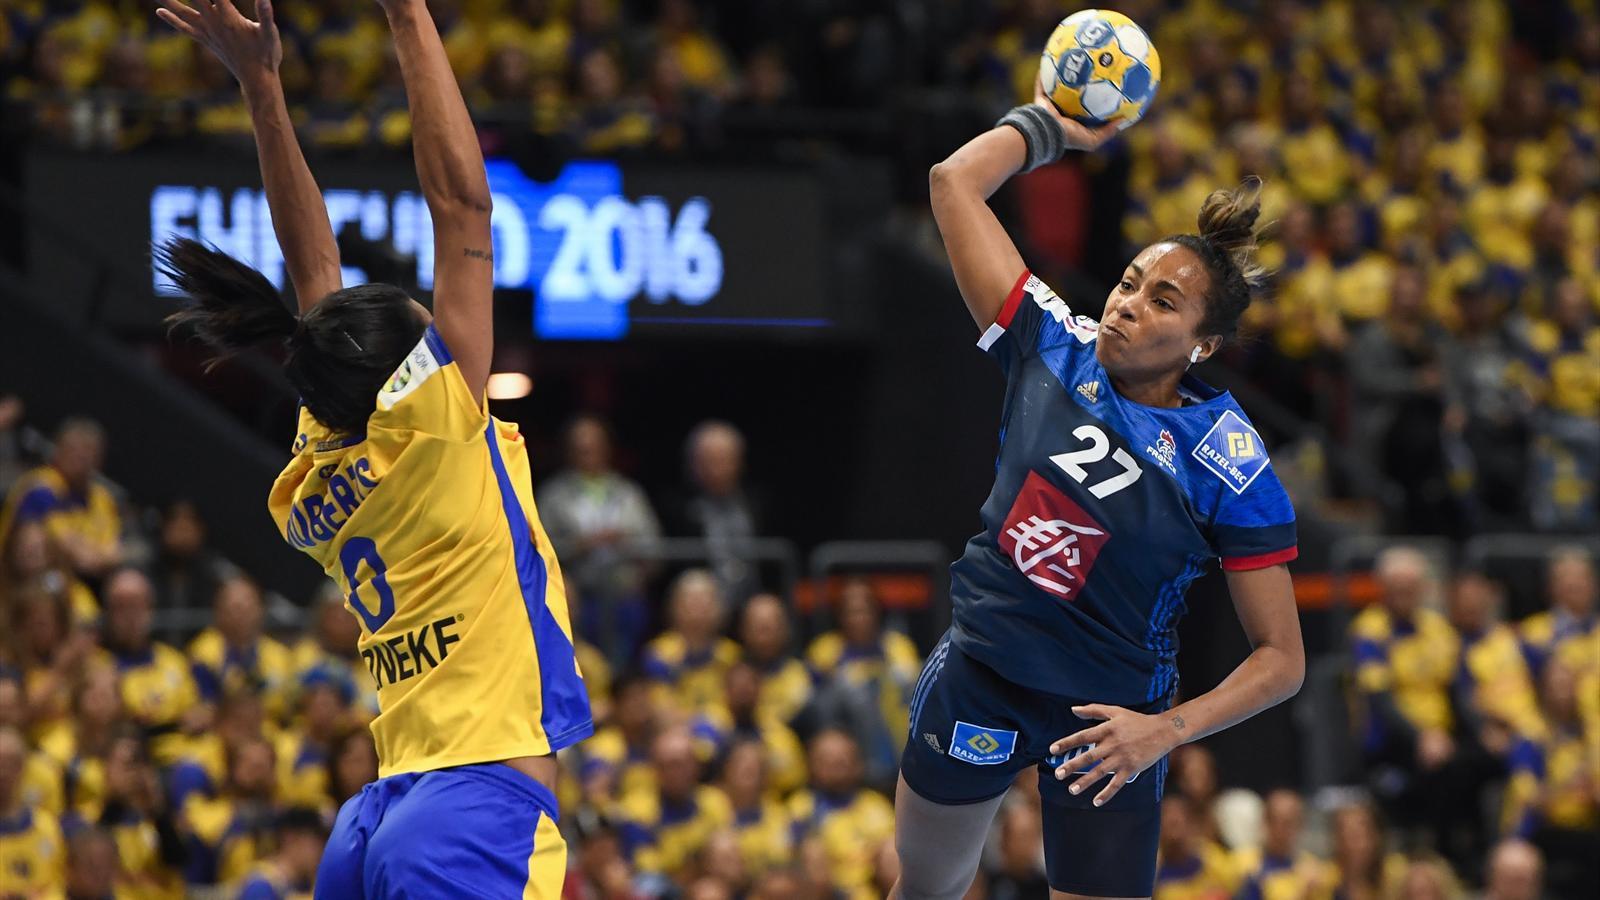 La france bat la su de 21 19 et se rapproche des demi finales championnat d 39 europe f 2016 - Coupe d europe de basket feminin ...